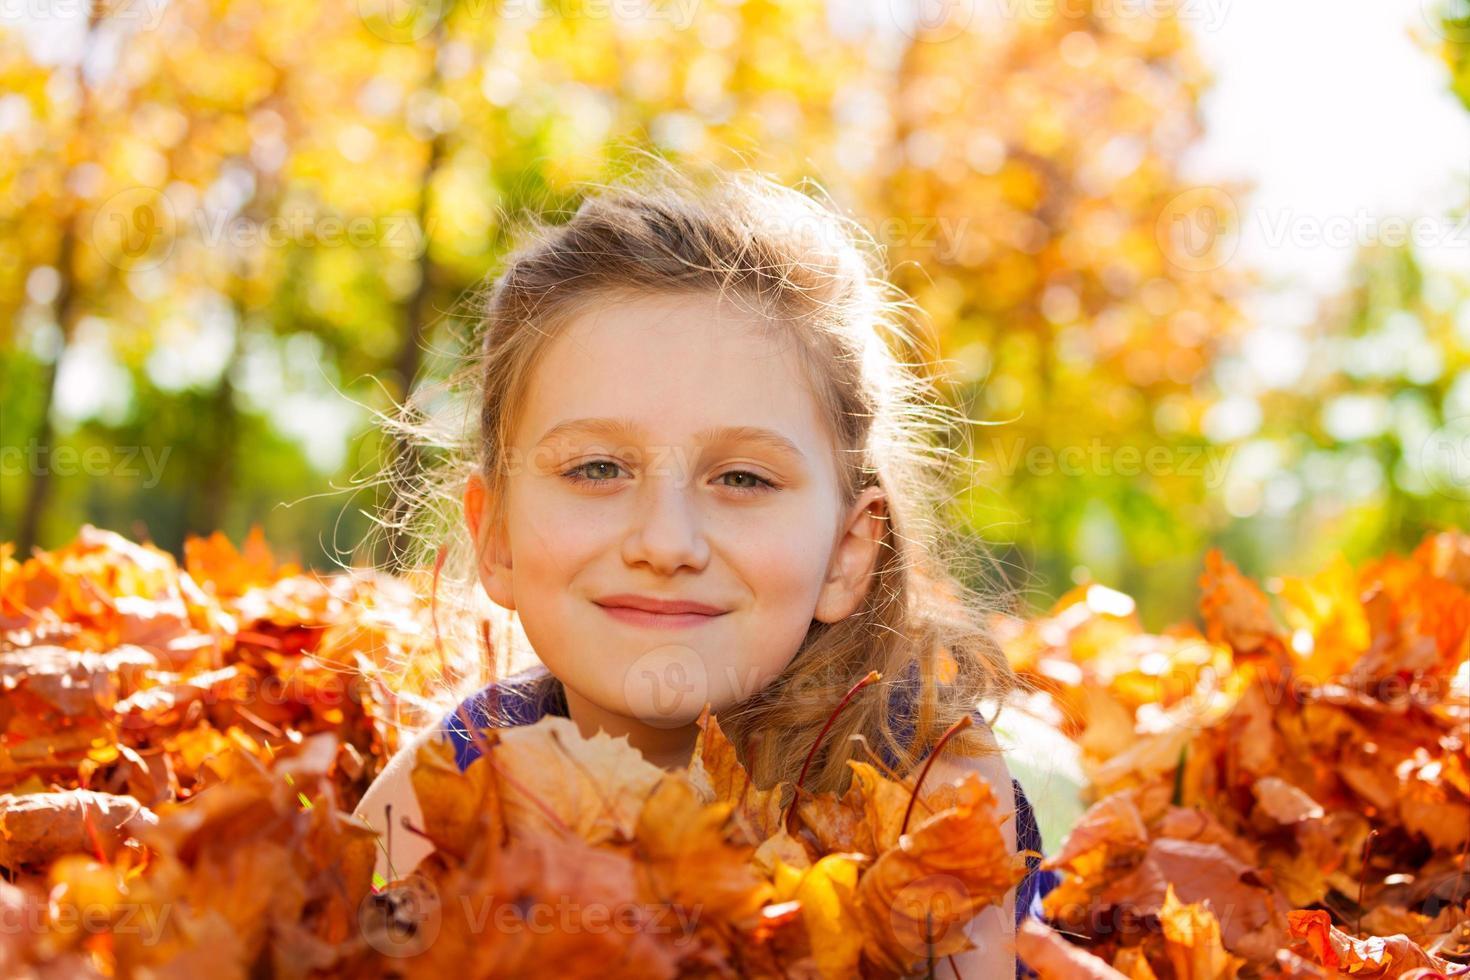 garota sorridente close-up em folhas douradas foto